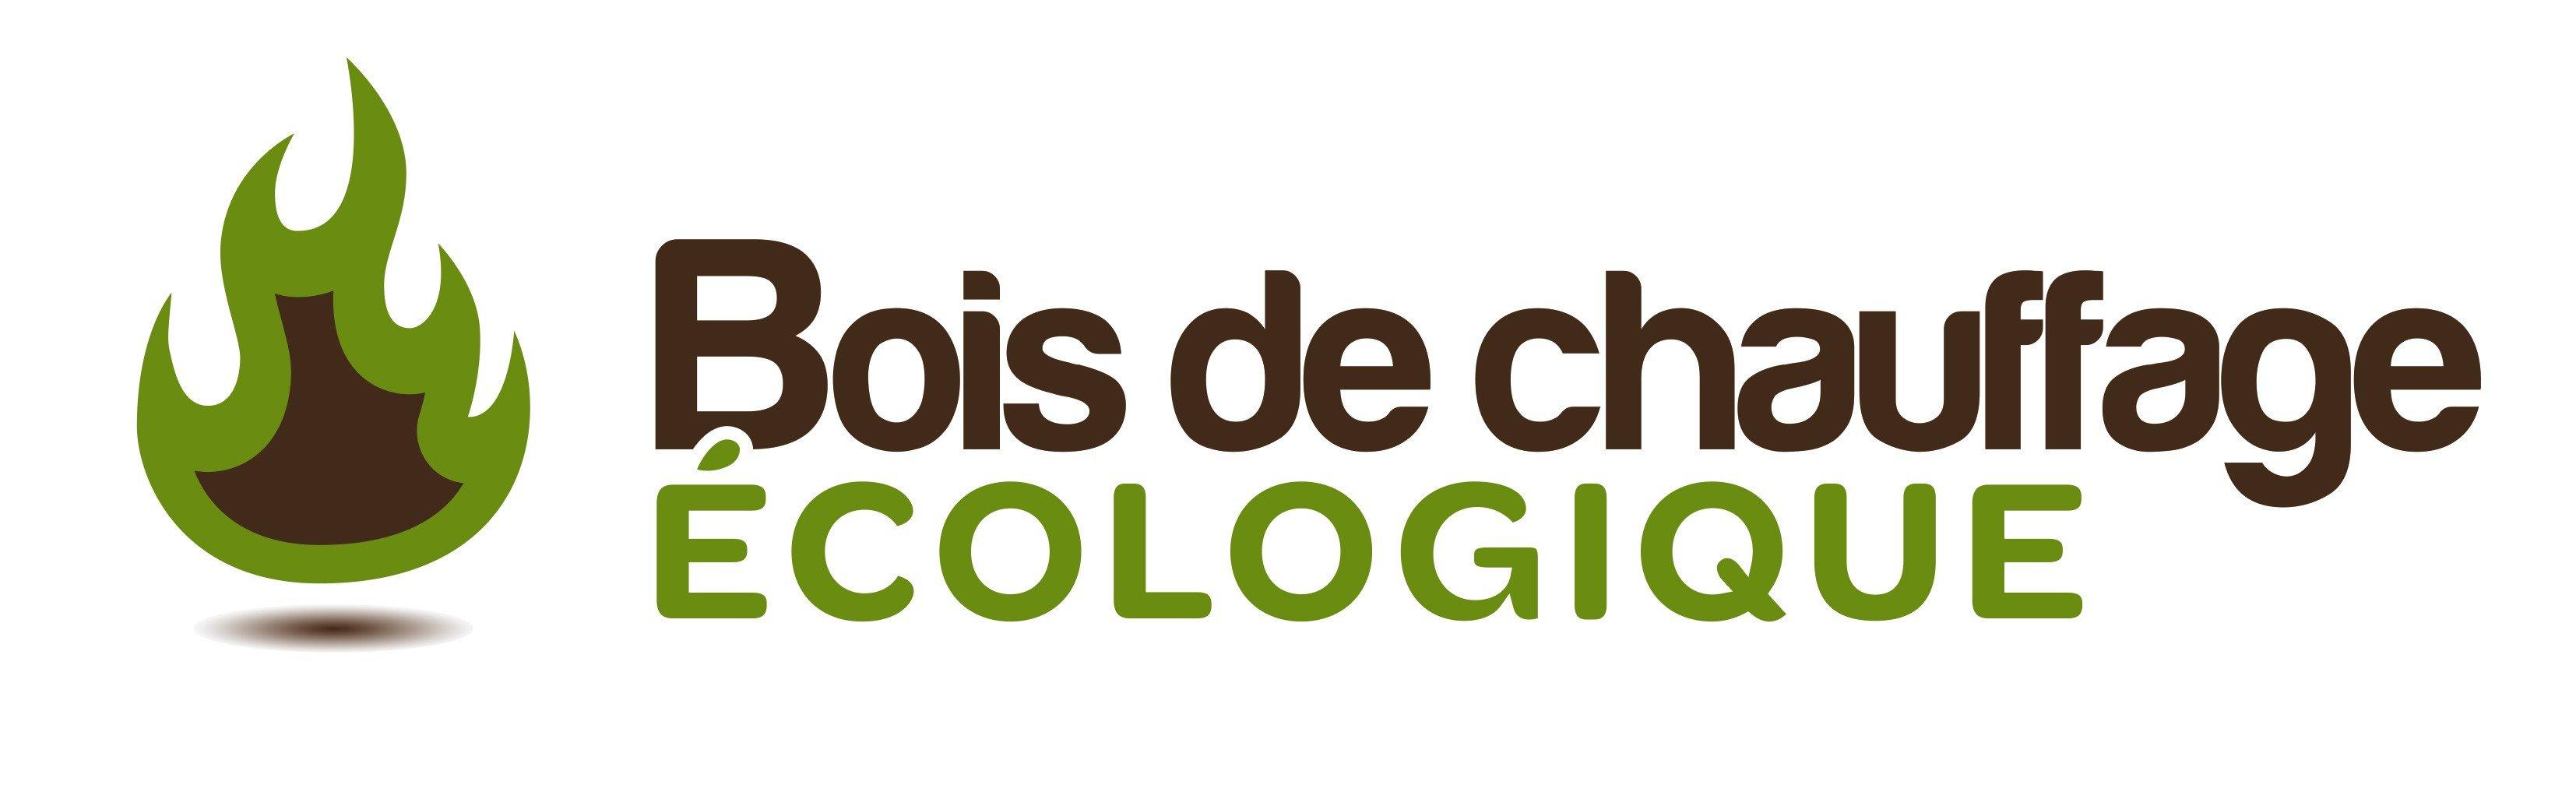 Bois De Chauffage Ecologique